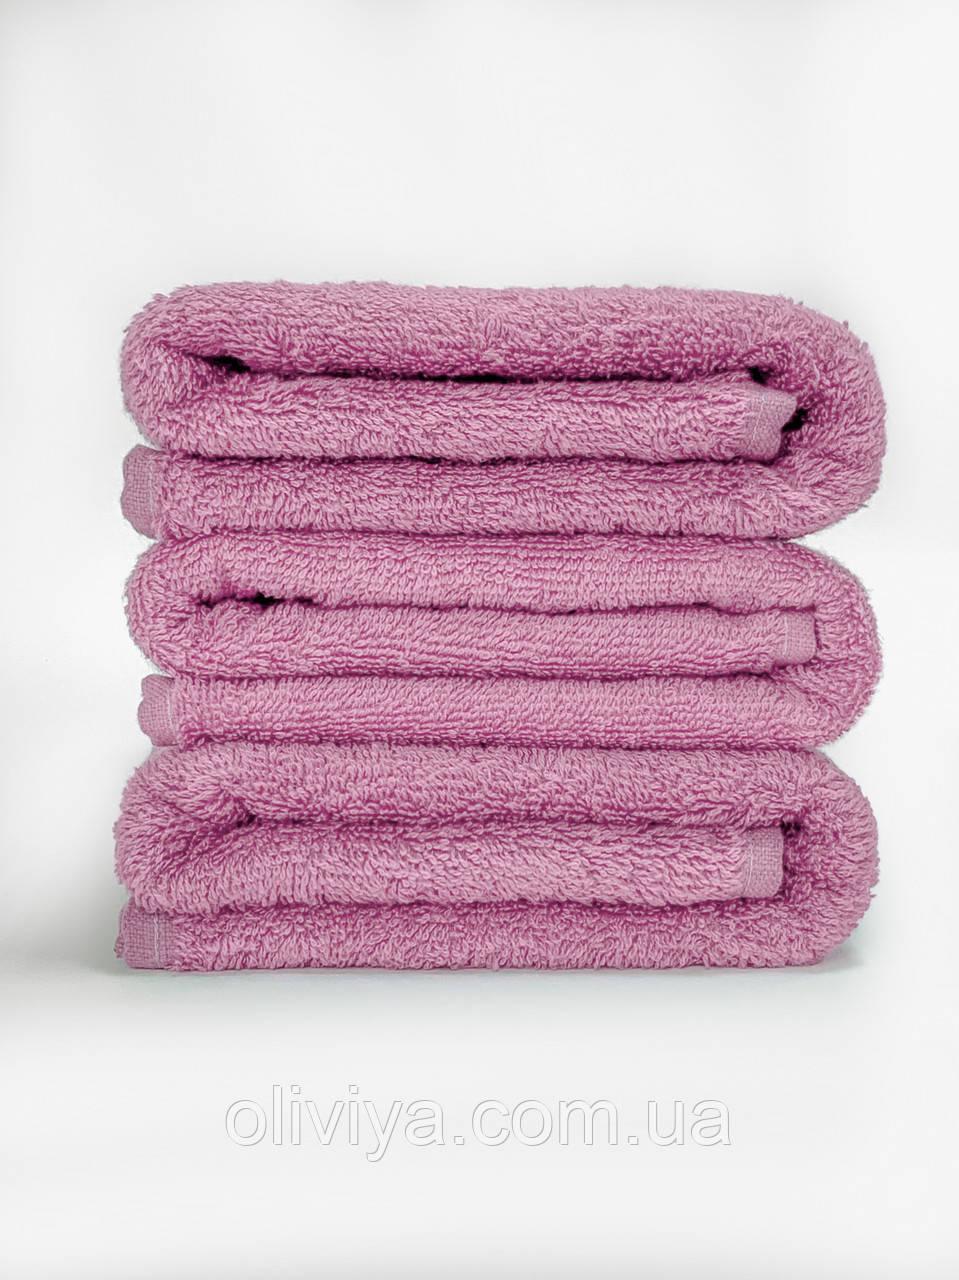 Махровая простынь 100% хлопок розового цвета 155х220